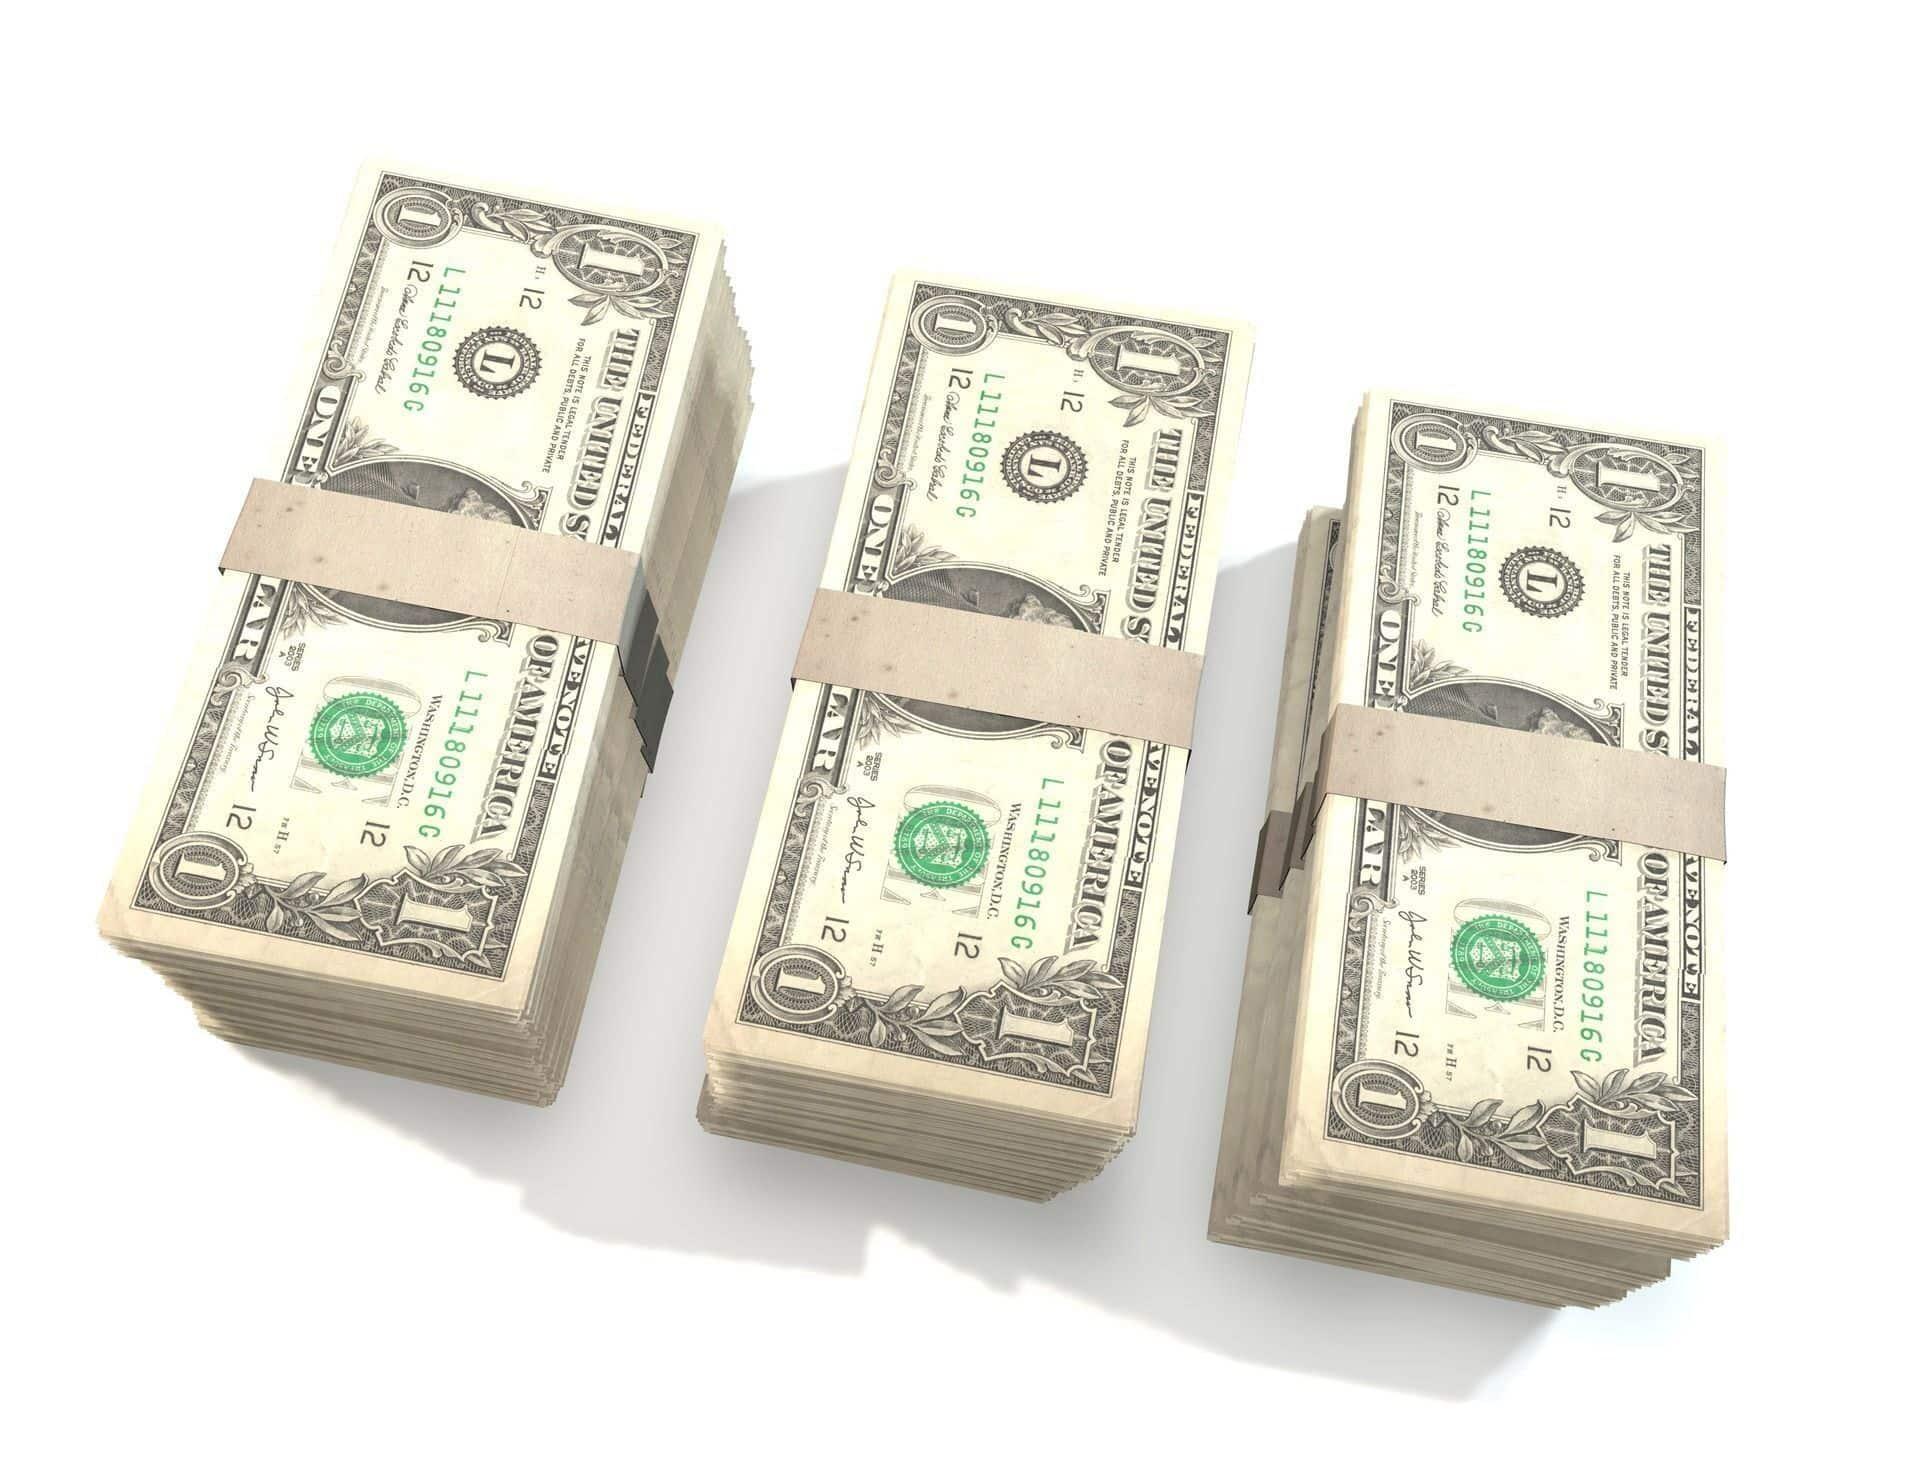 7 dicas para ganhar dinheiro na internet de forma errada